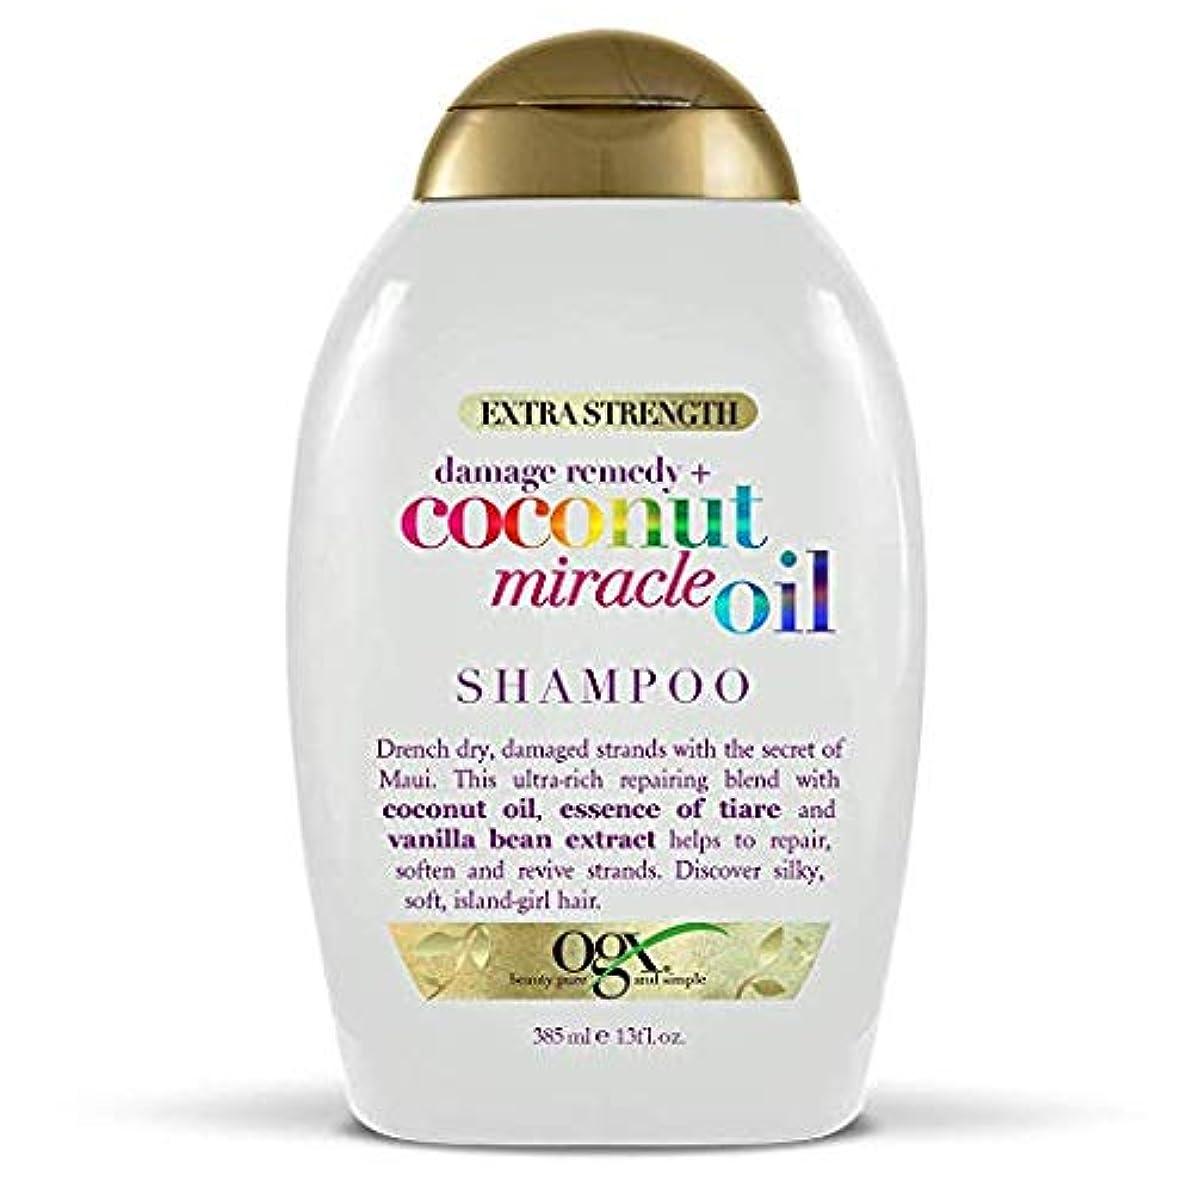 ラジカル推進力サイトラインOgx Shampoo Coconut Miracle Oil Extra Strength 13oz OGX ココナッツミラクルオイル エクストラストレングス シャンプー 385ml [並行輸入品]